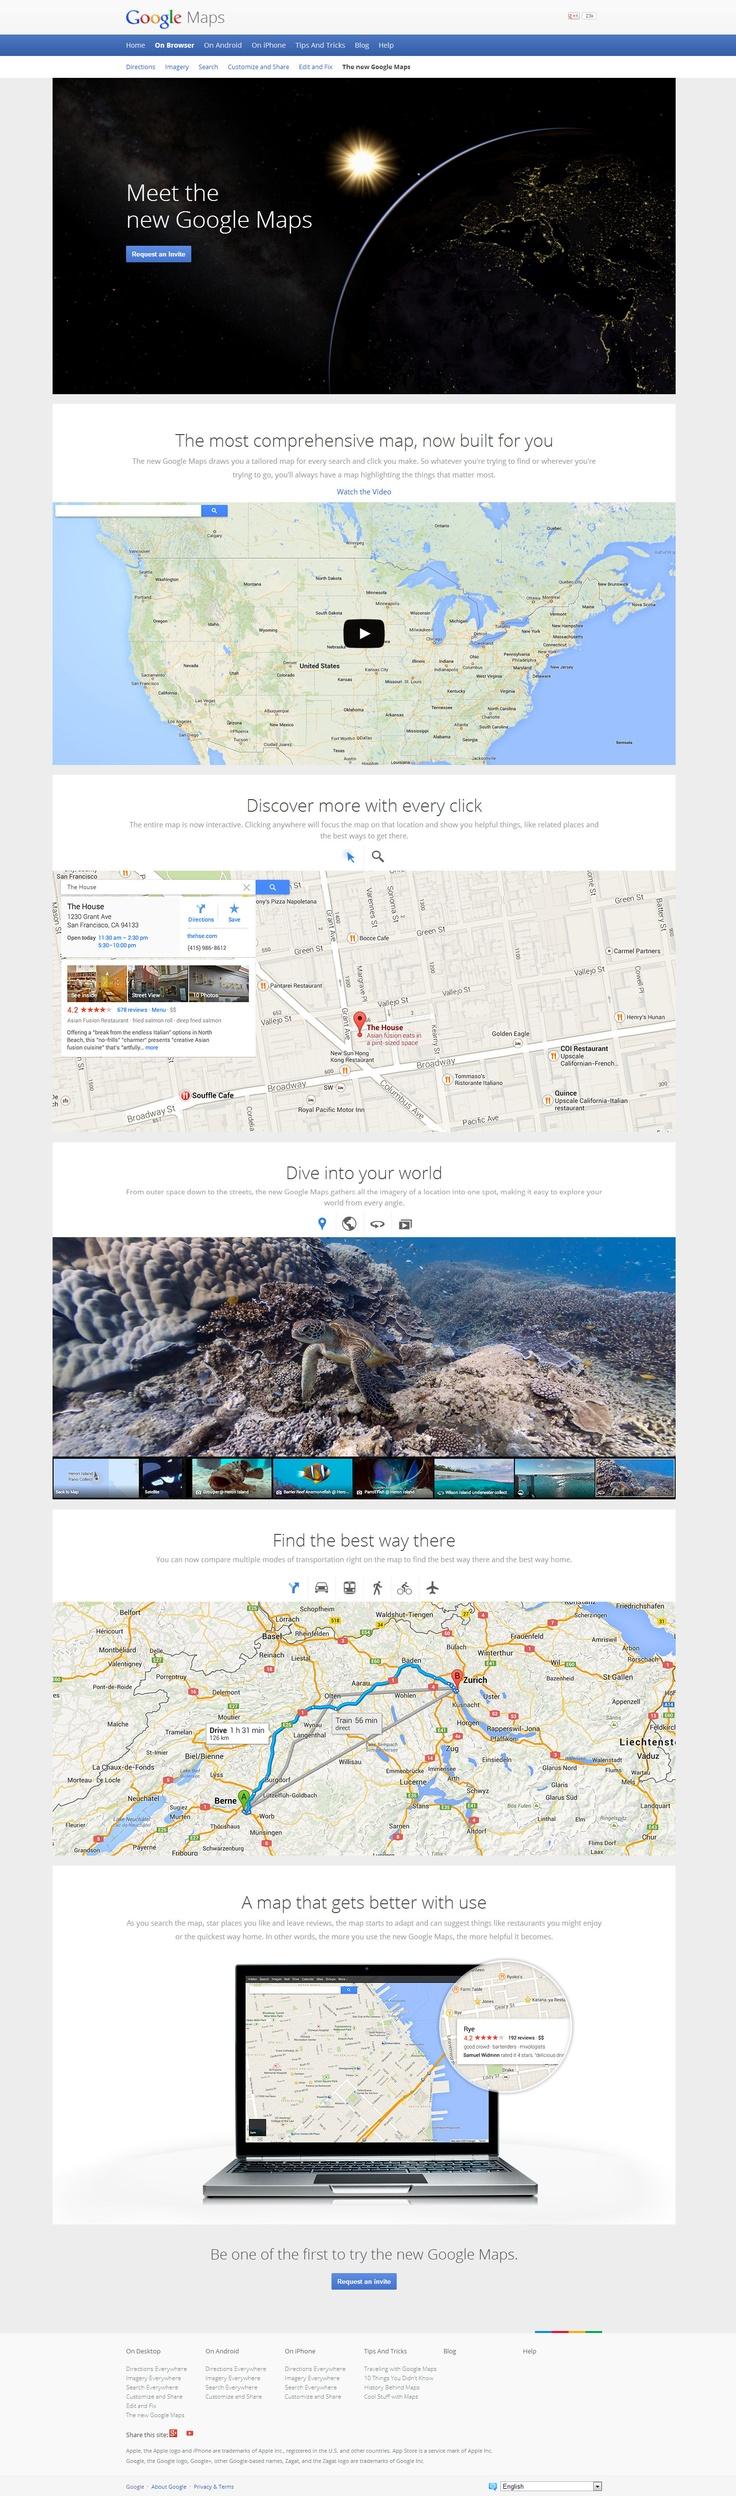 New Google Maps UI Flat